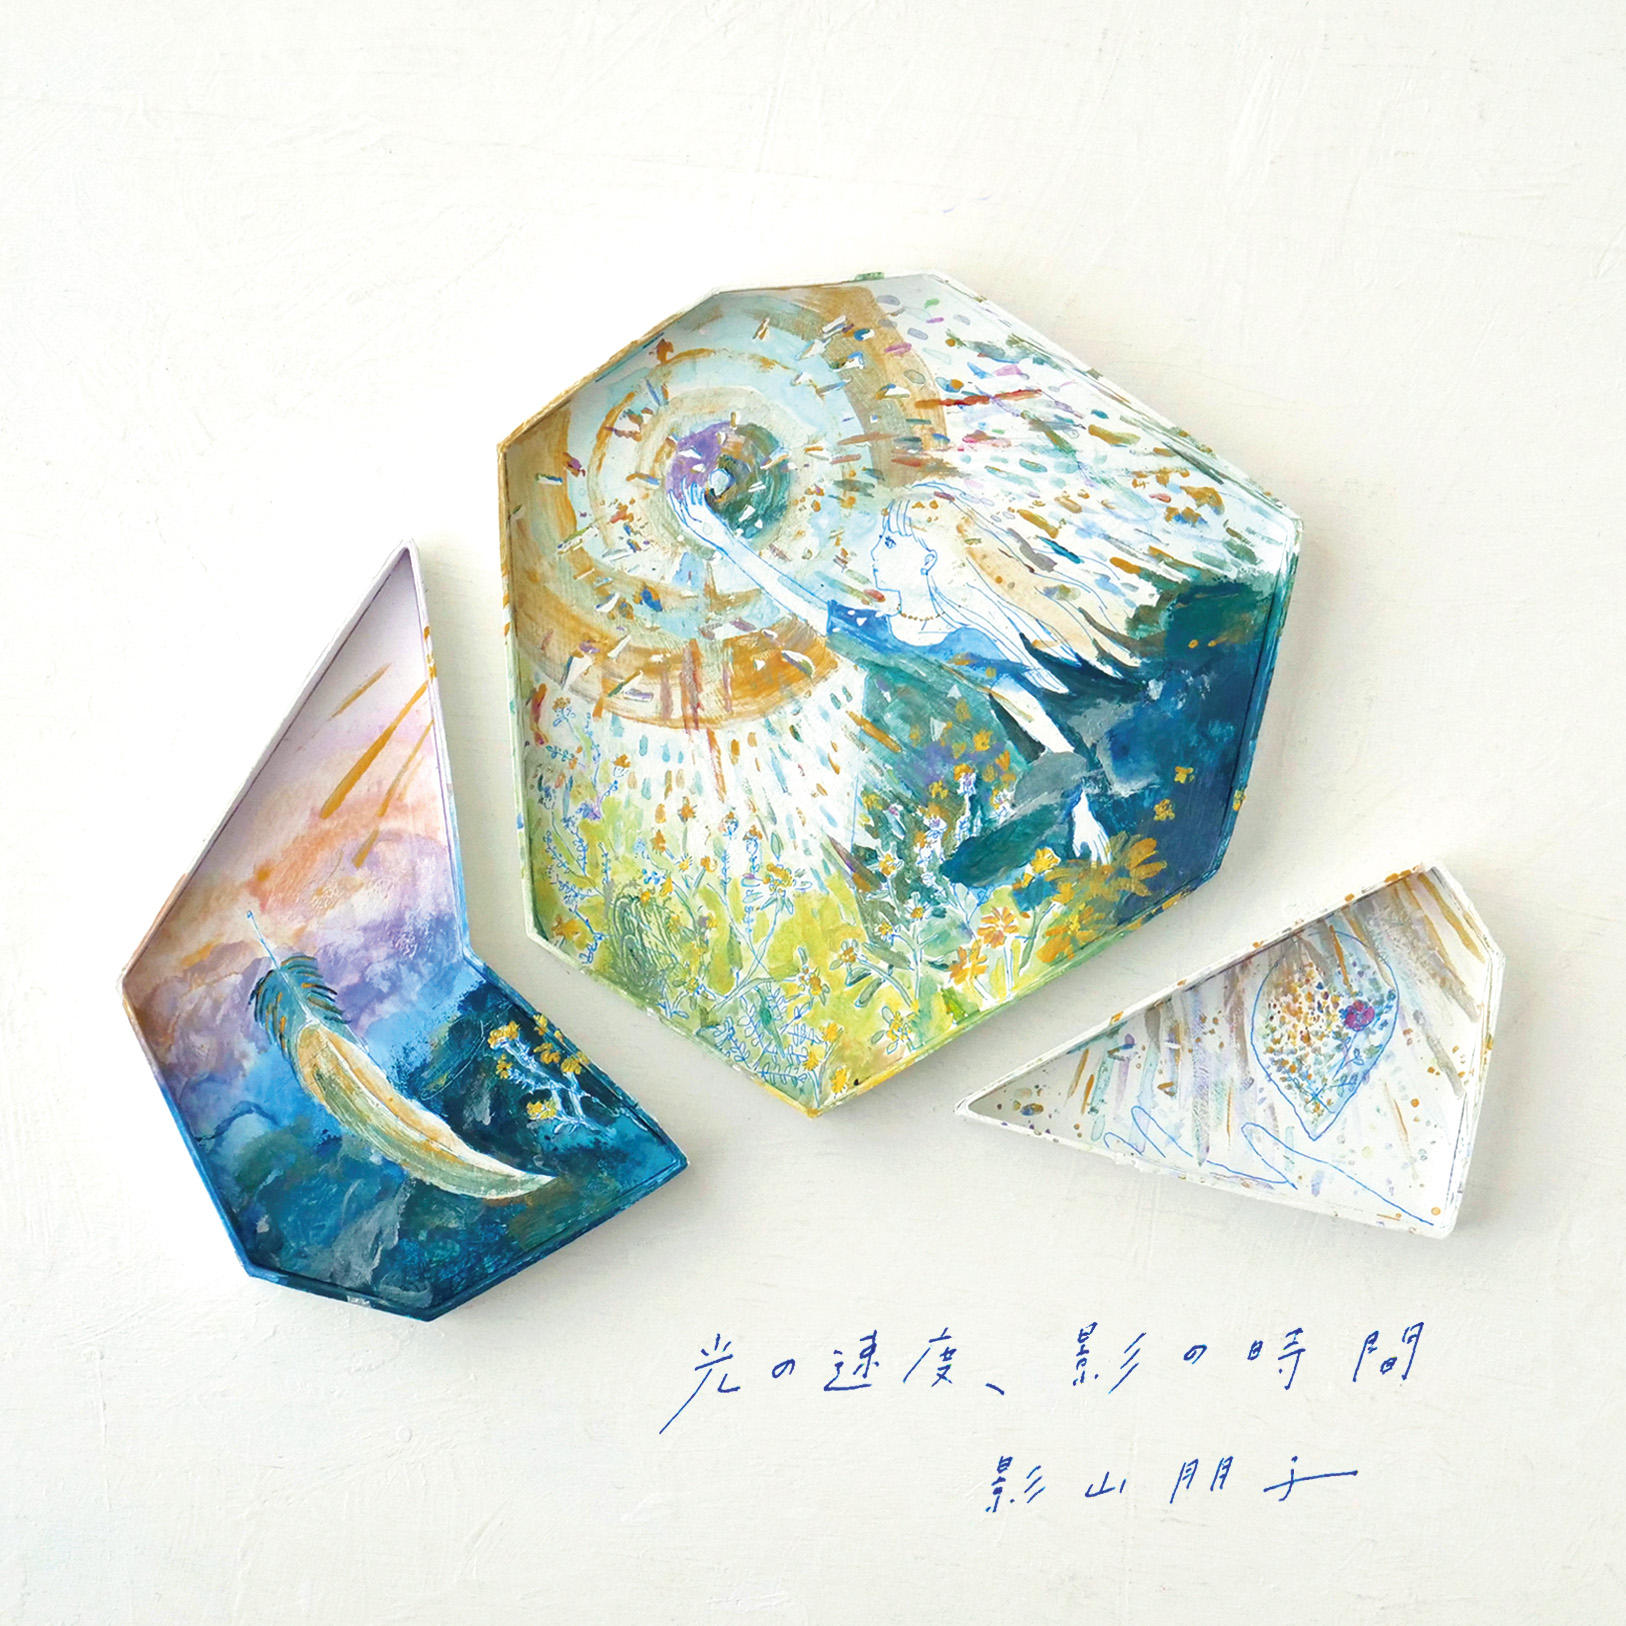 音楽情報サイトReal Soundにて、アルバムのレビューが掲載されました。